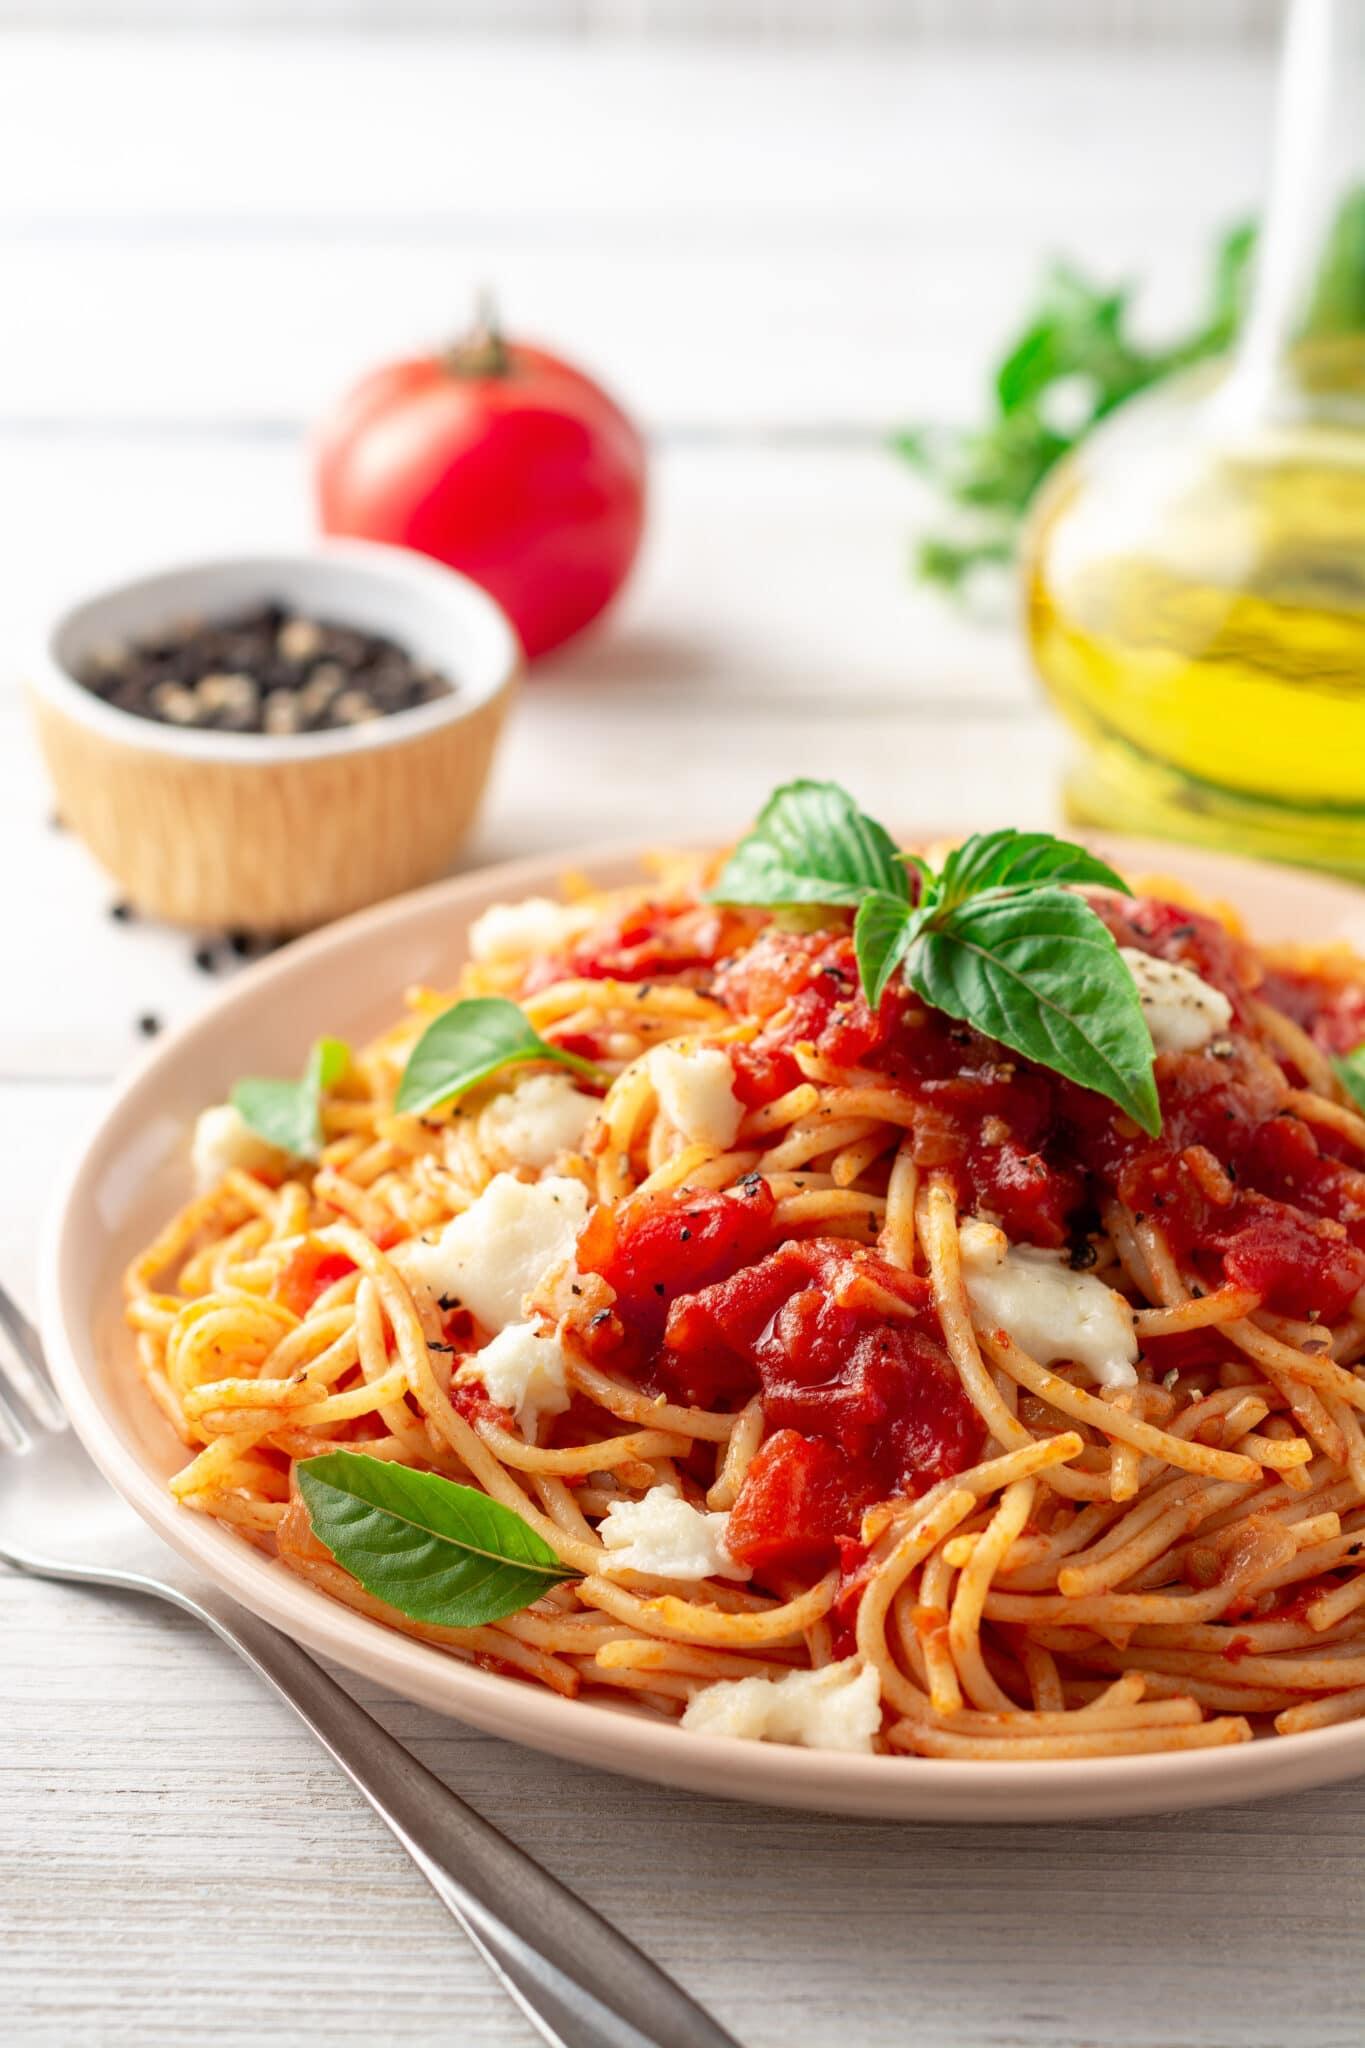 Spaghetti-Nudeln mit Tomatensauce, Mozzarella-Käse und frischem Basilikum in der Platte auf weißem Holzhintergrund.  Selektiver Fokus.